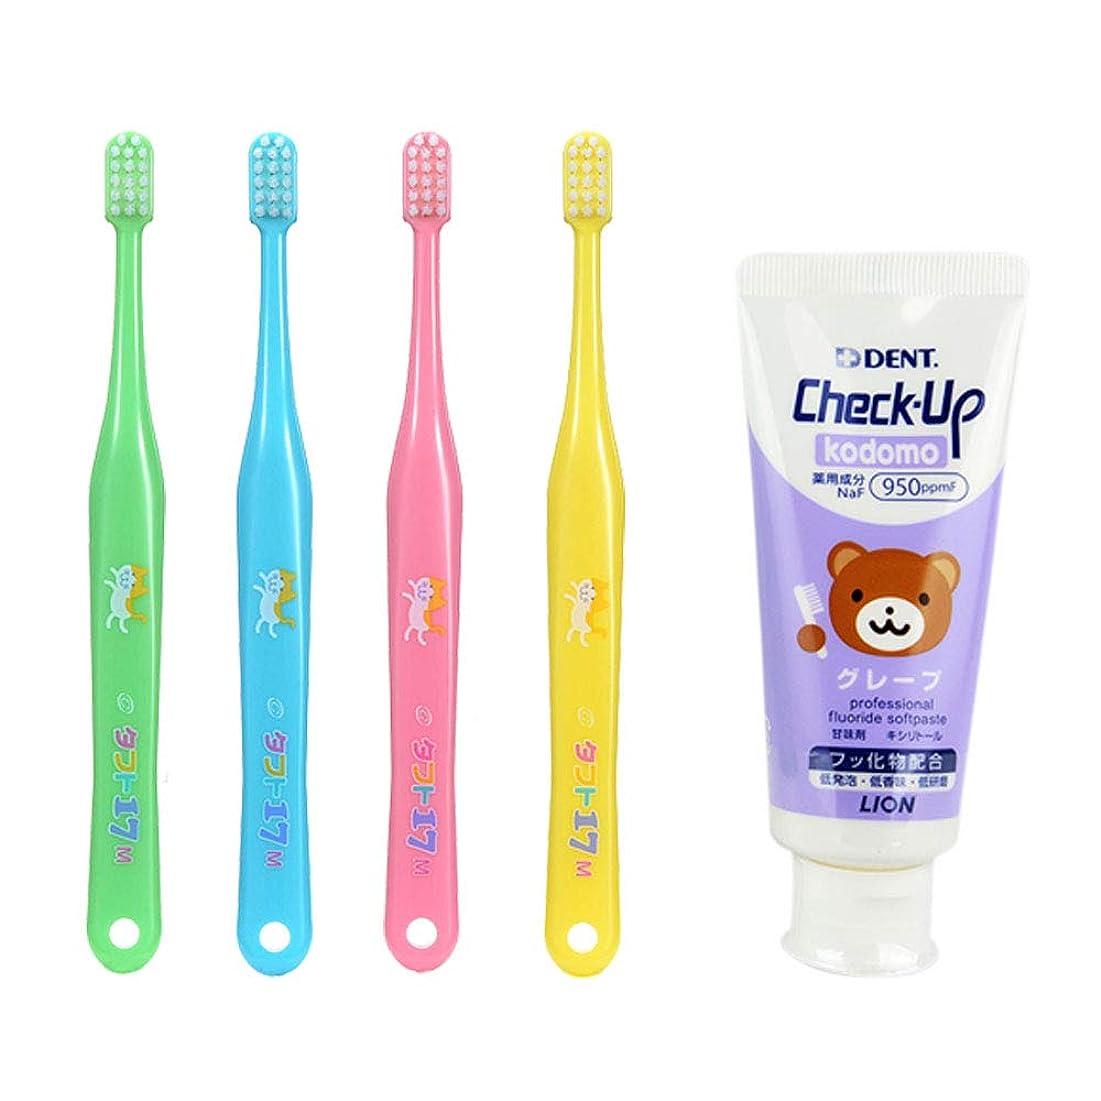 花ベアリングトピックタフト17 M(ふつう) 子ども 歯ブラシ 10本 + チェックアップ コドモ 60g (グレープ) 歯磨き粉 歯科専売品